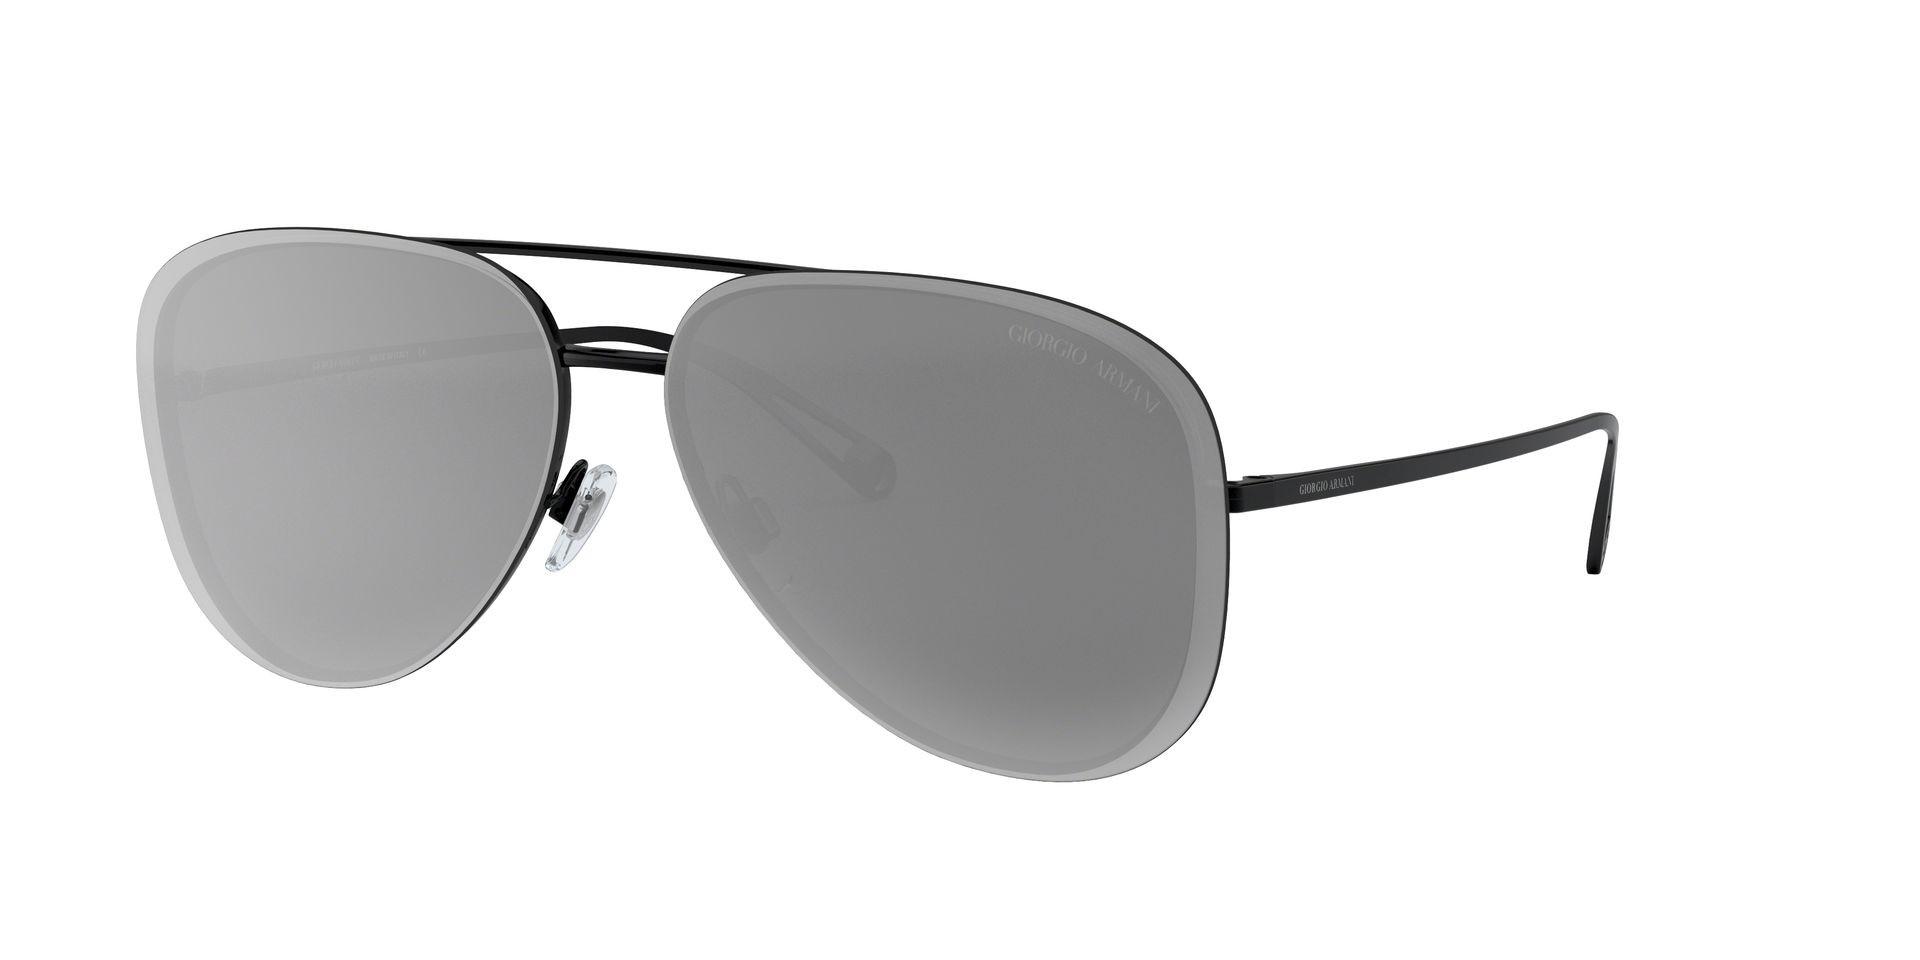 Gafas de sol GIORGIO ARMANI AR 6084 30146G